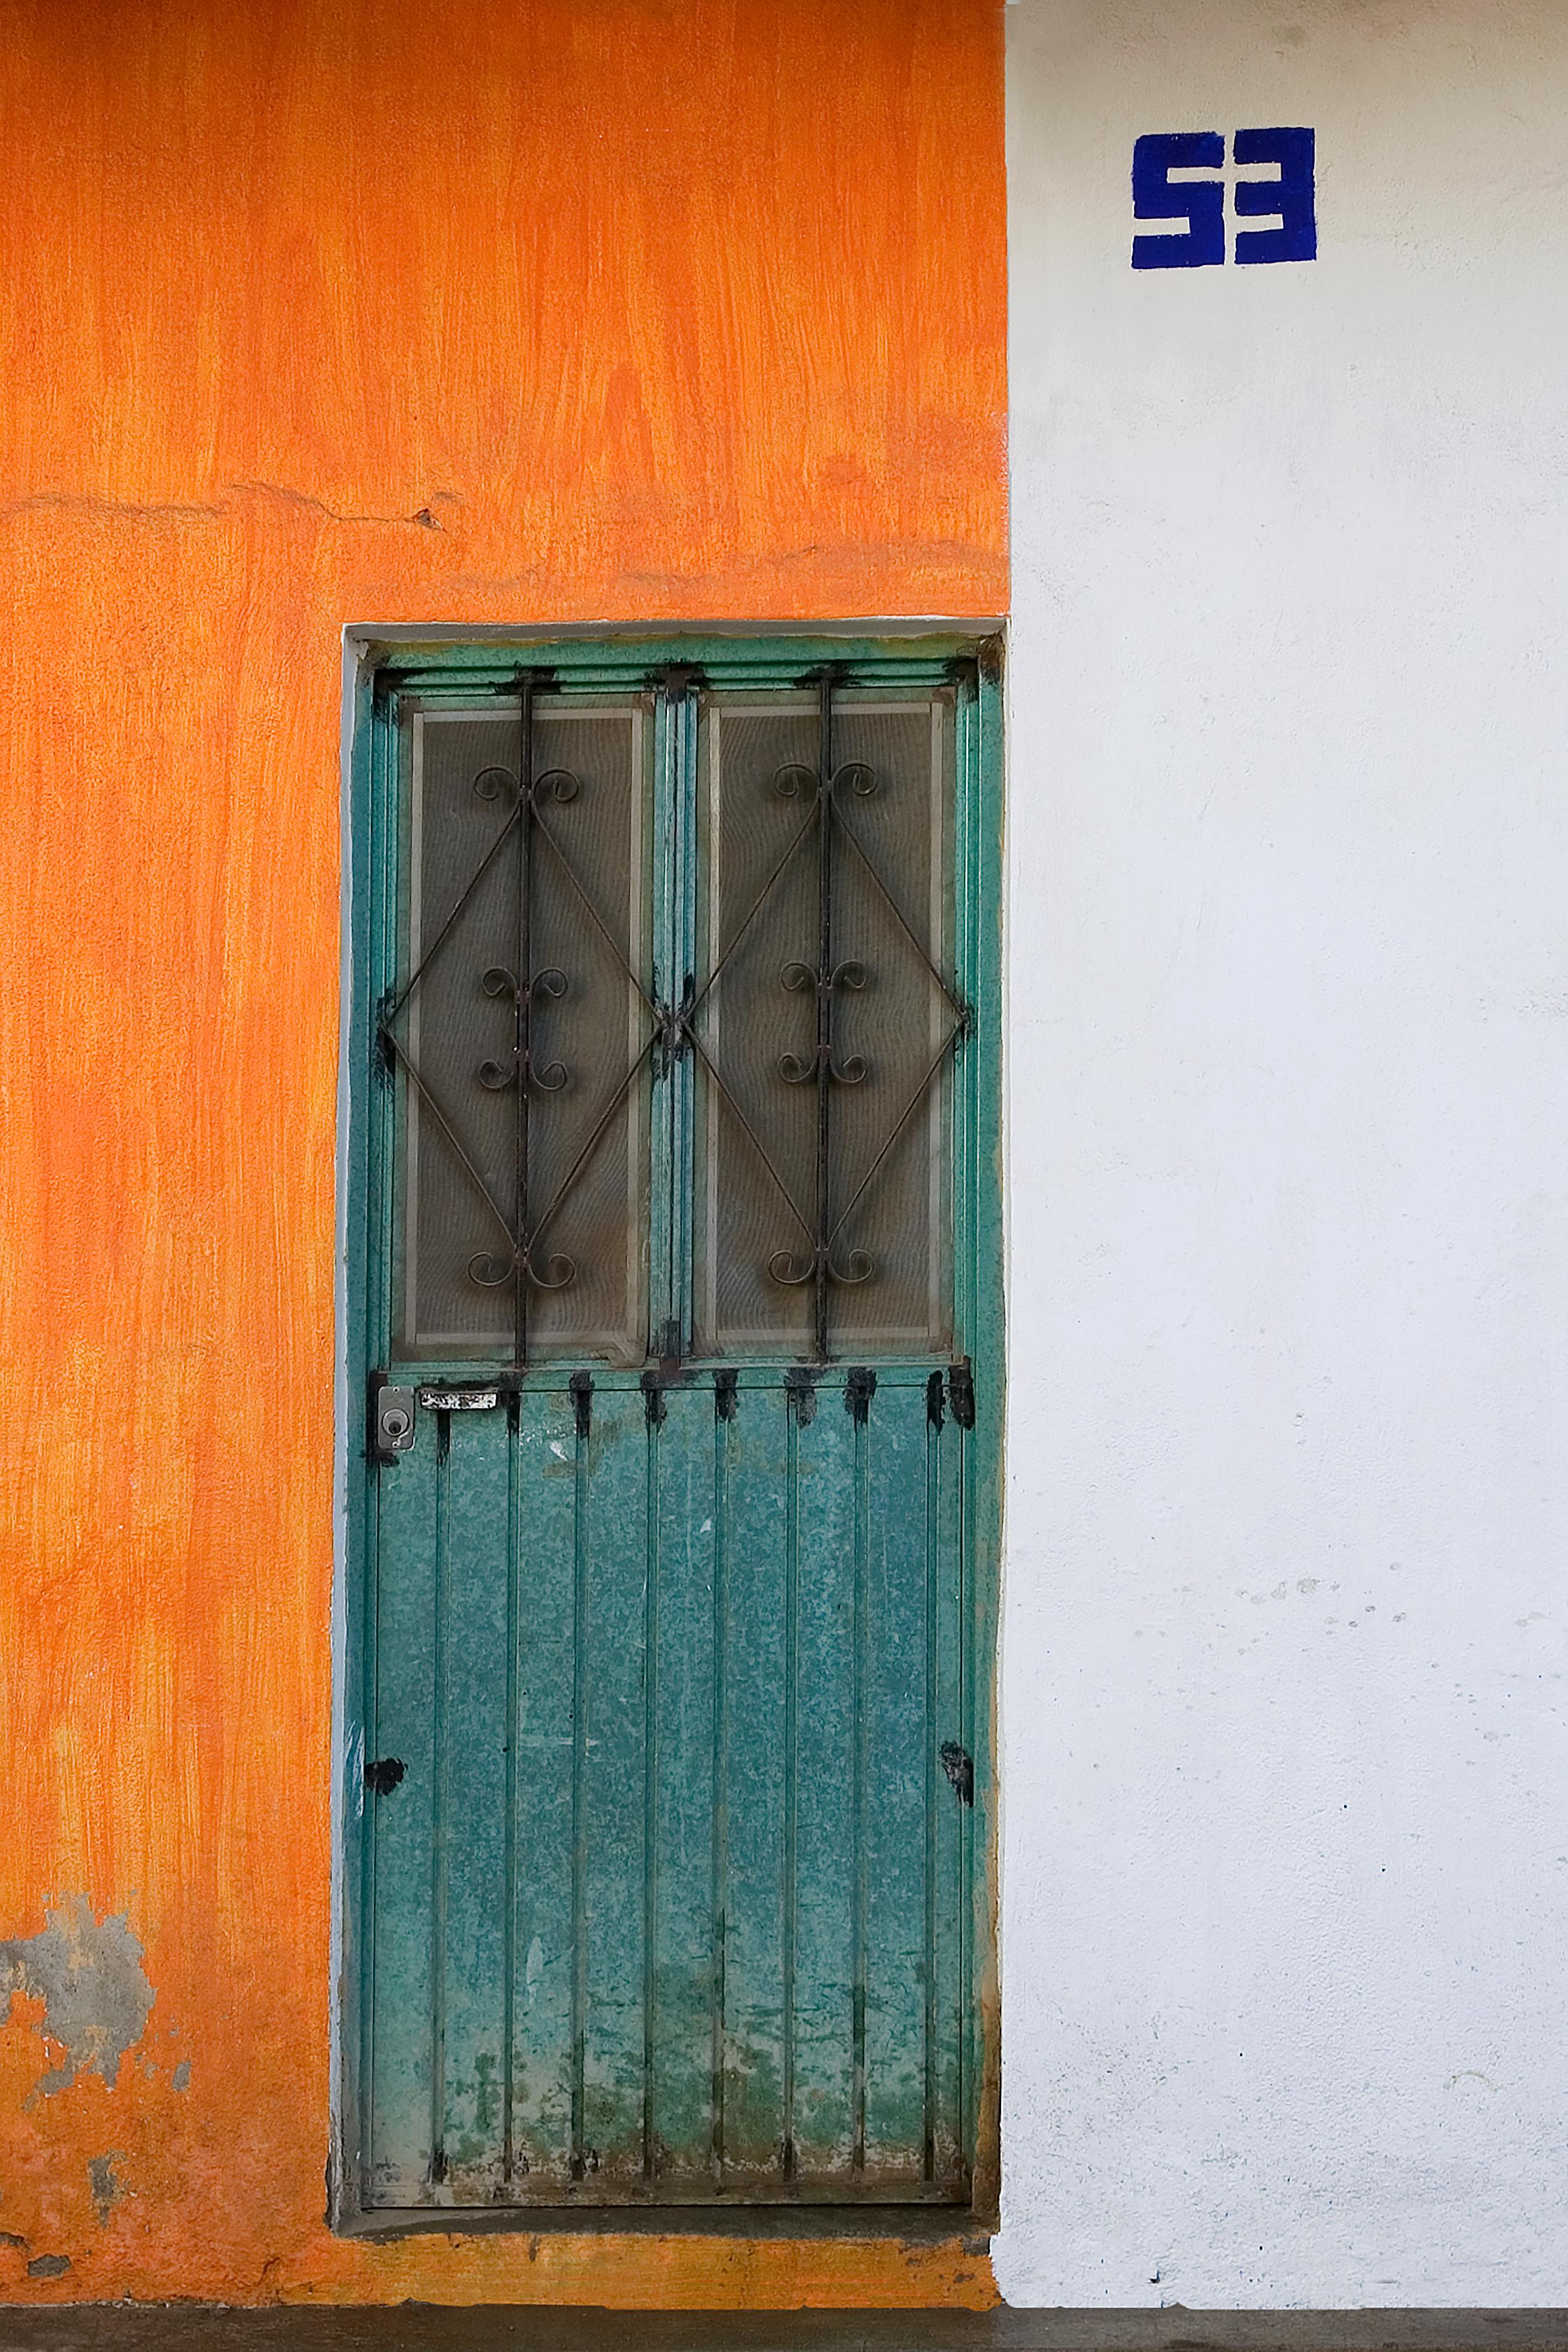 S3 Doorway